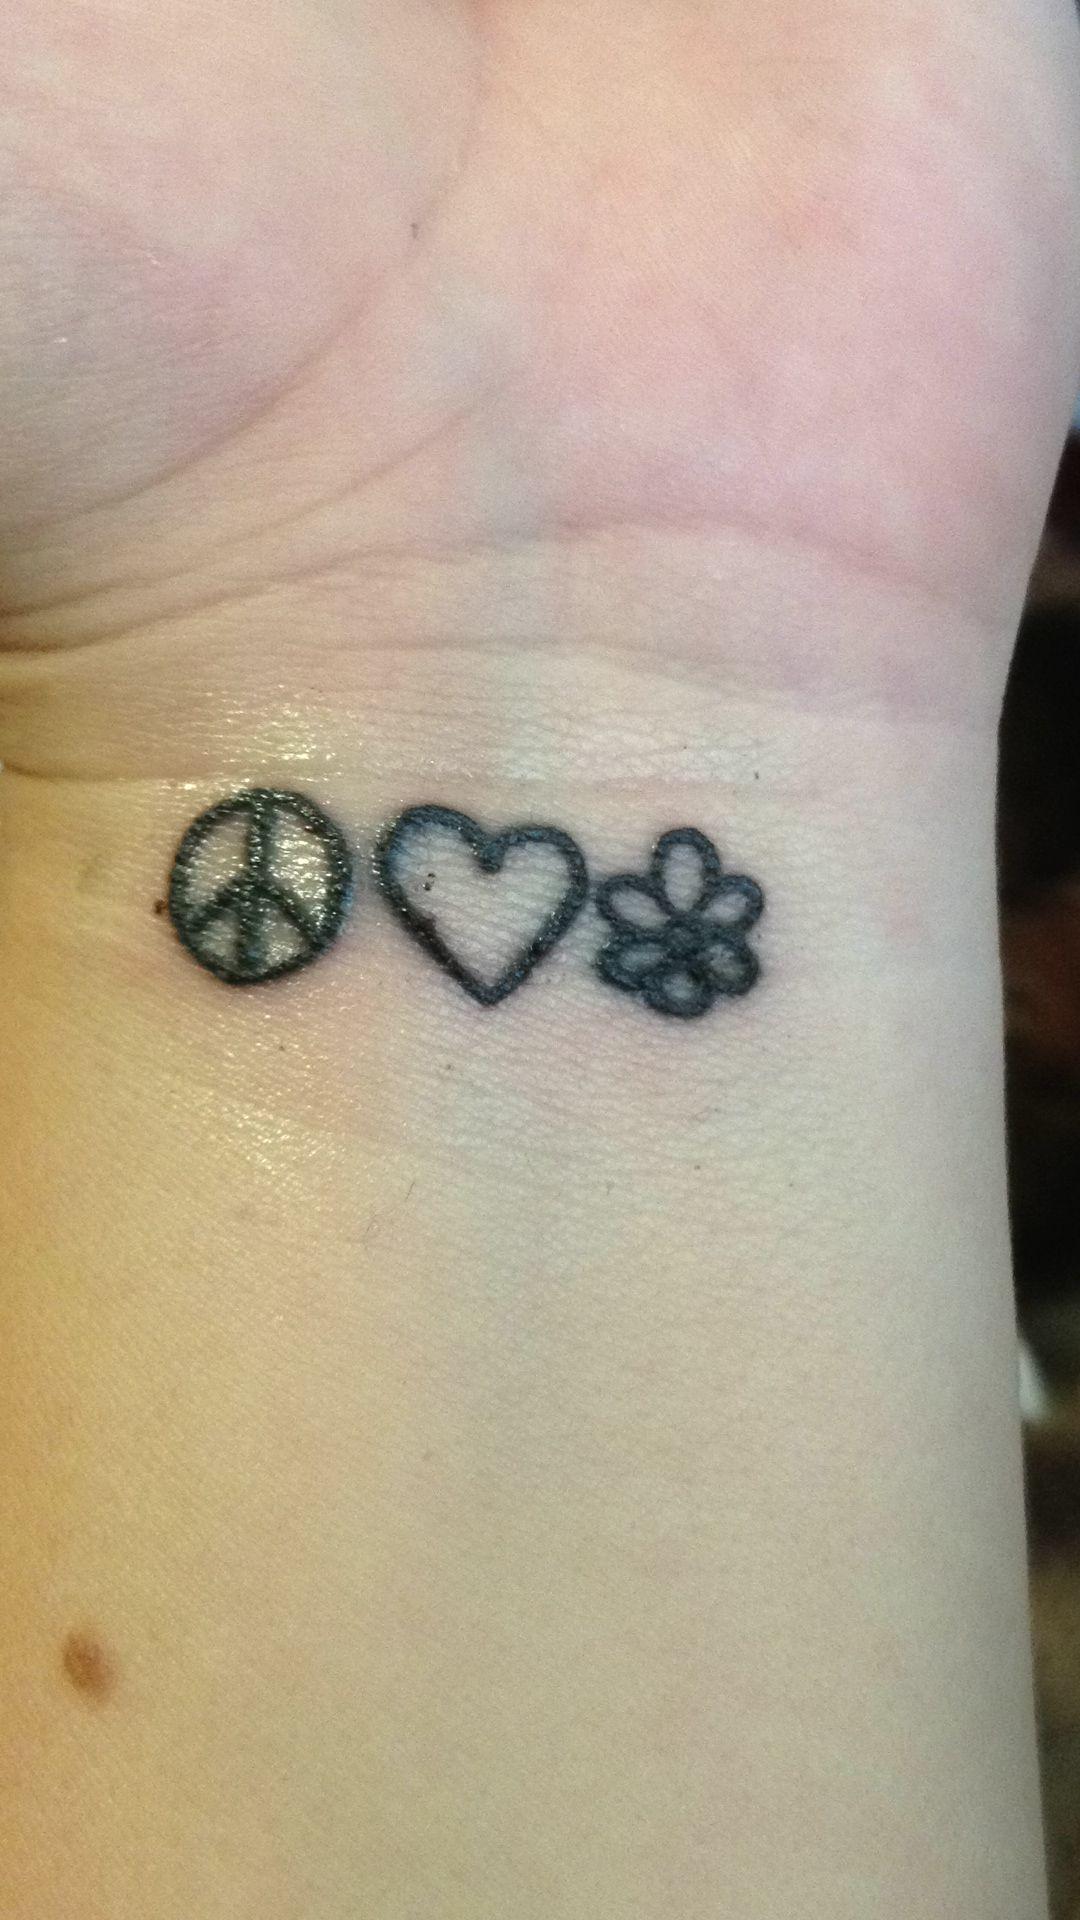 My Wrist Tattoo Peace Love Happiness Tattoo Wrist Peace Love Happiness Peacesign Heart Tattoo Designs Wrist Heart Tattoo Designs Happiness Tattoo